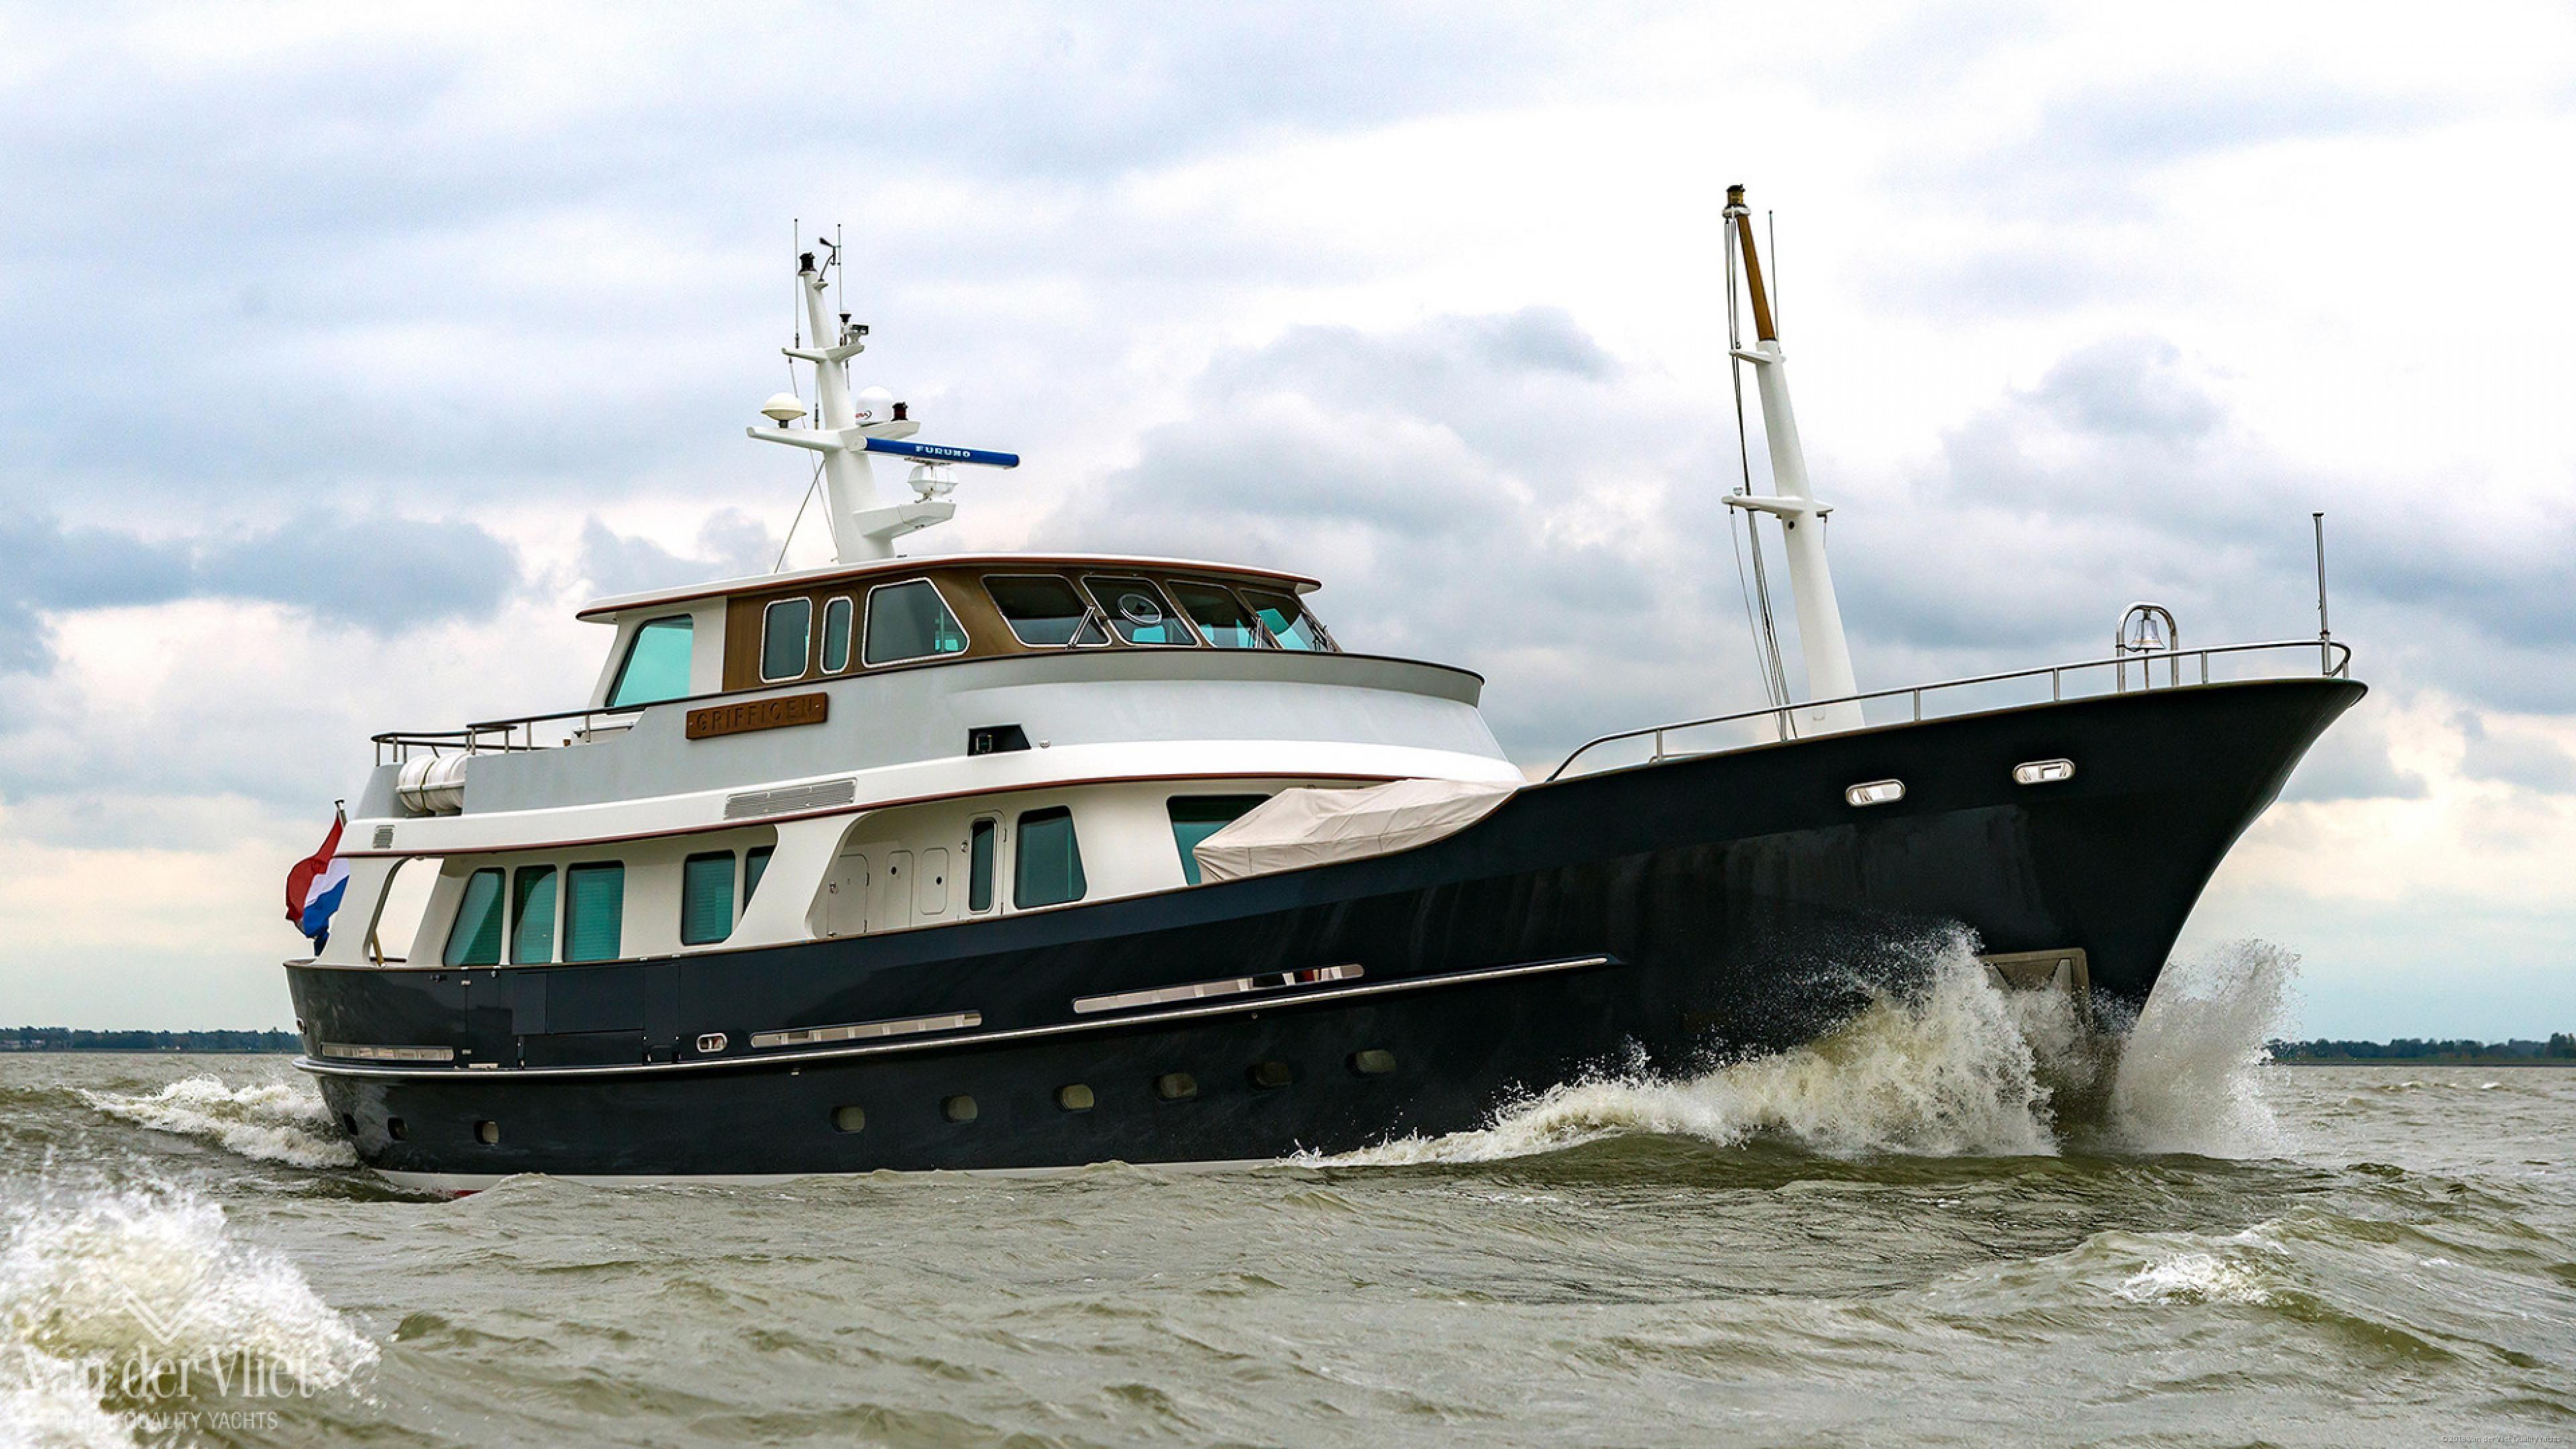 dutch coast yacht aragorn - HD3840×2160